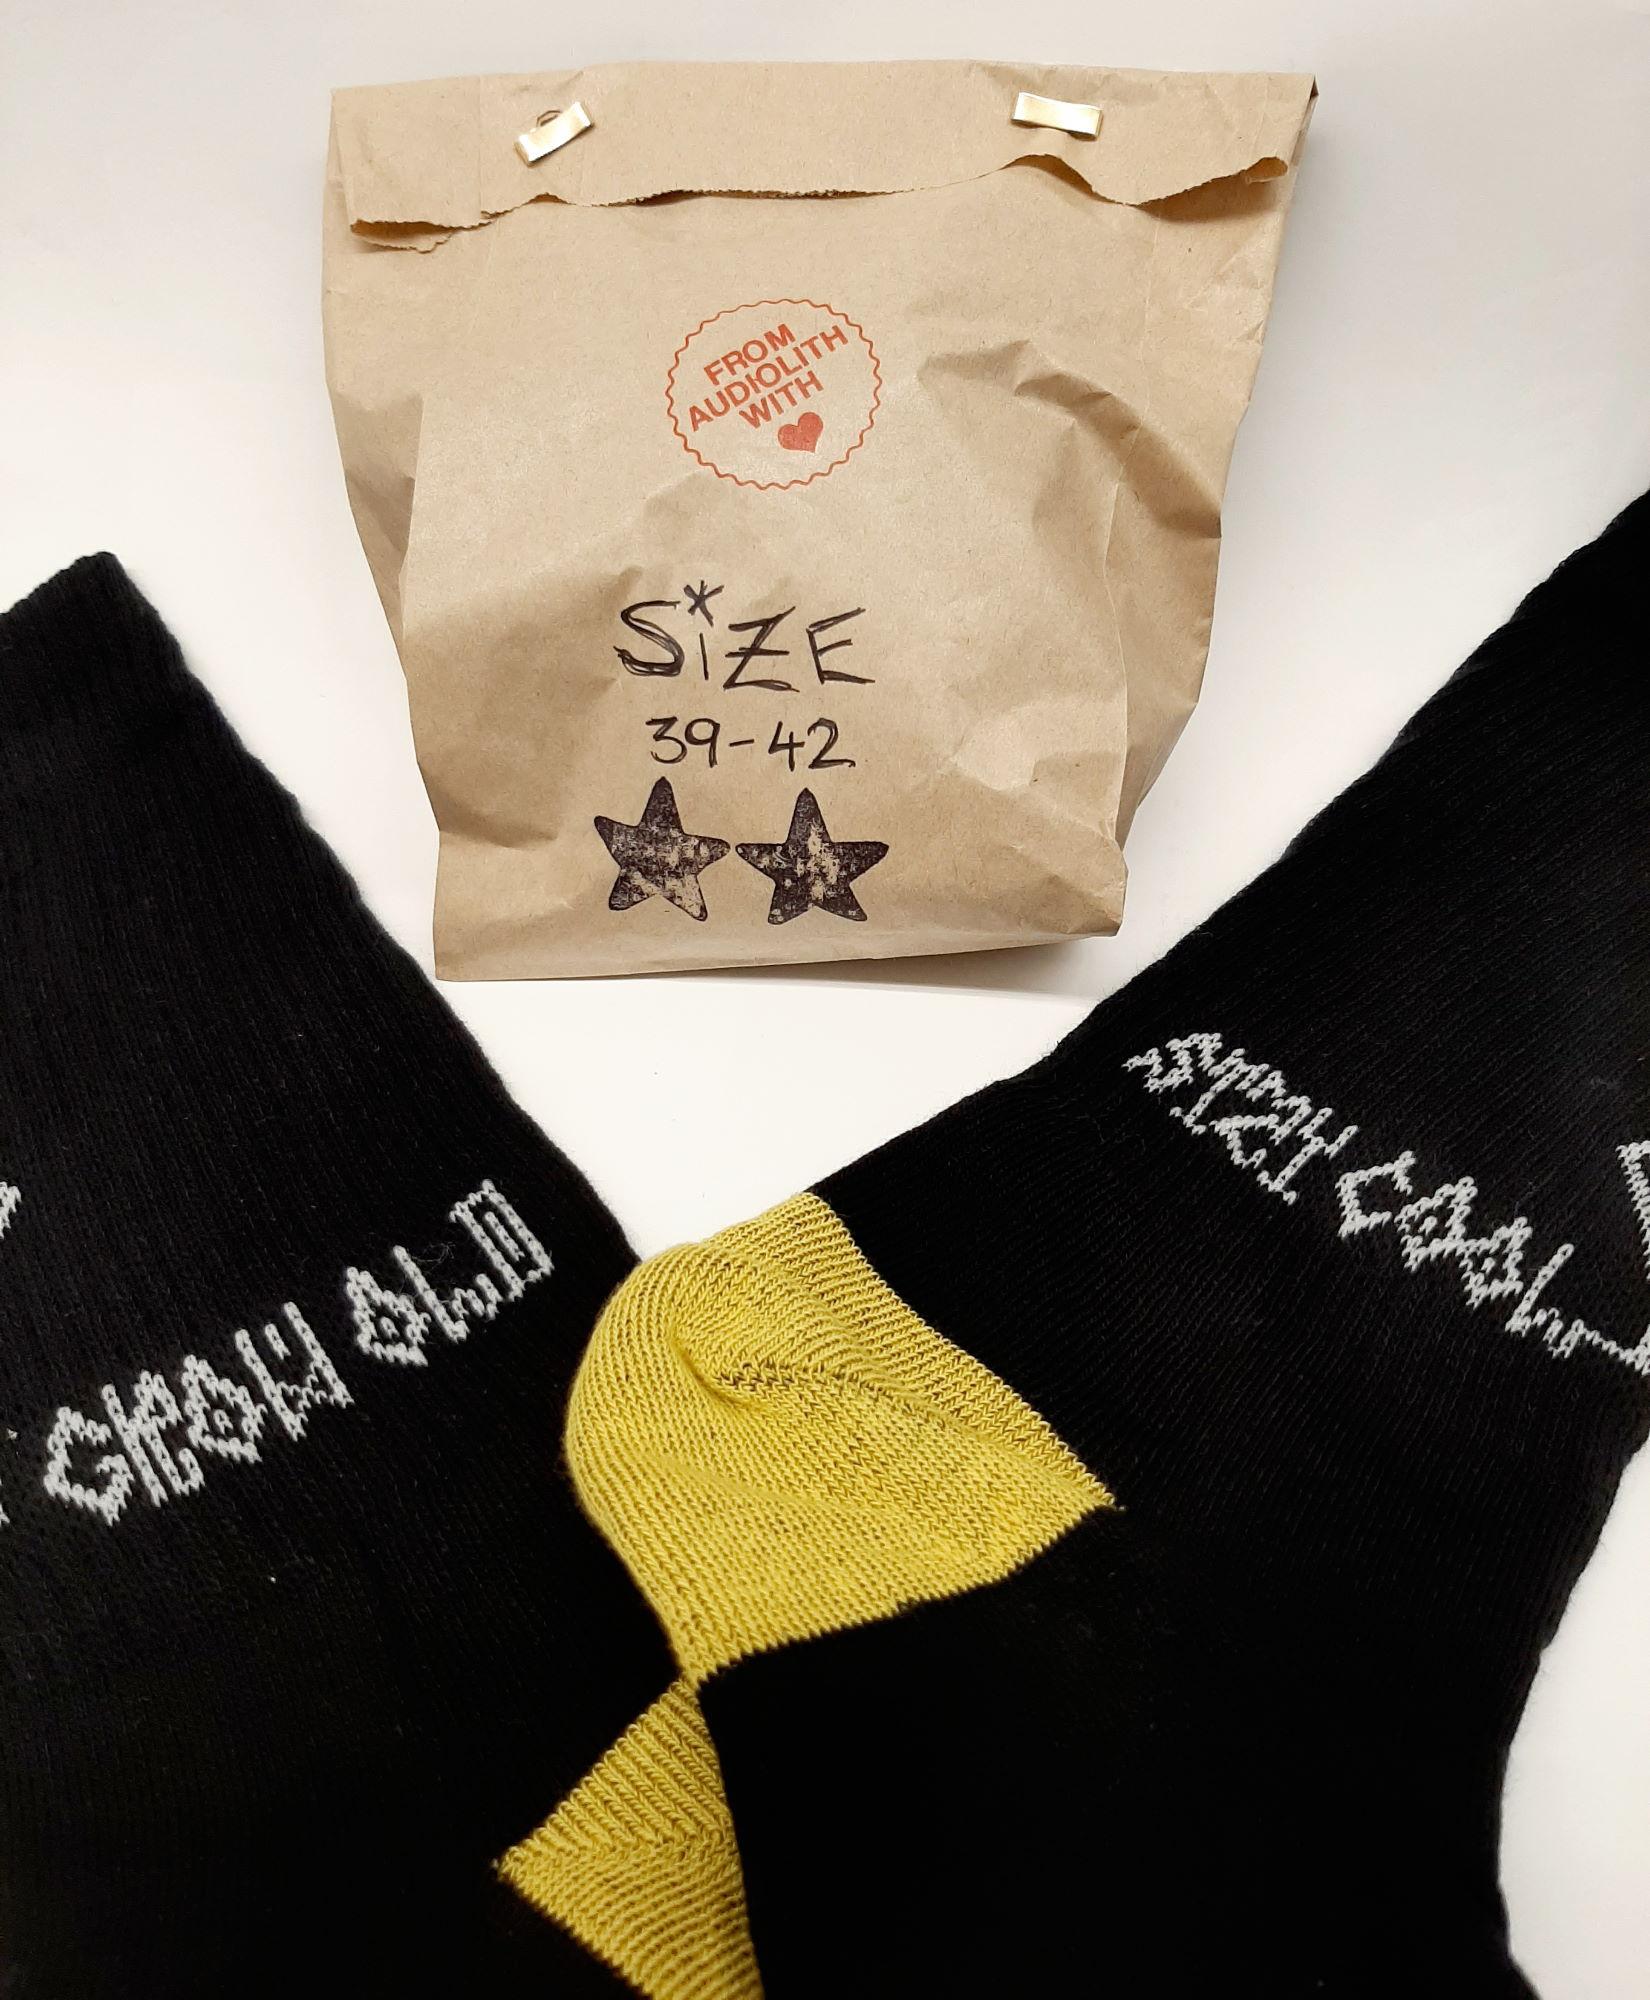 Socken selbst gestaltet Papiertüte